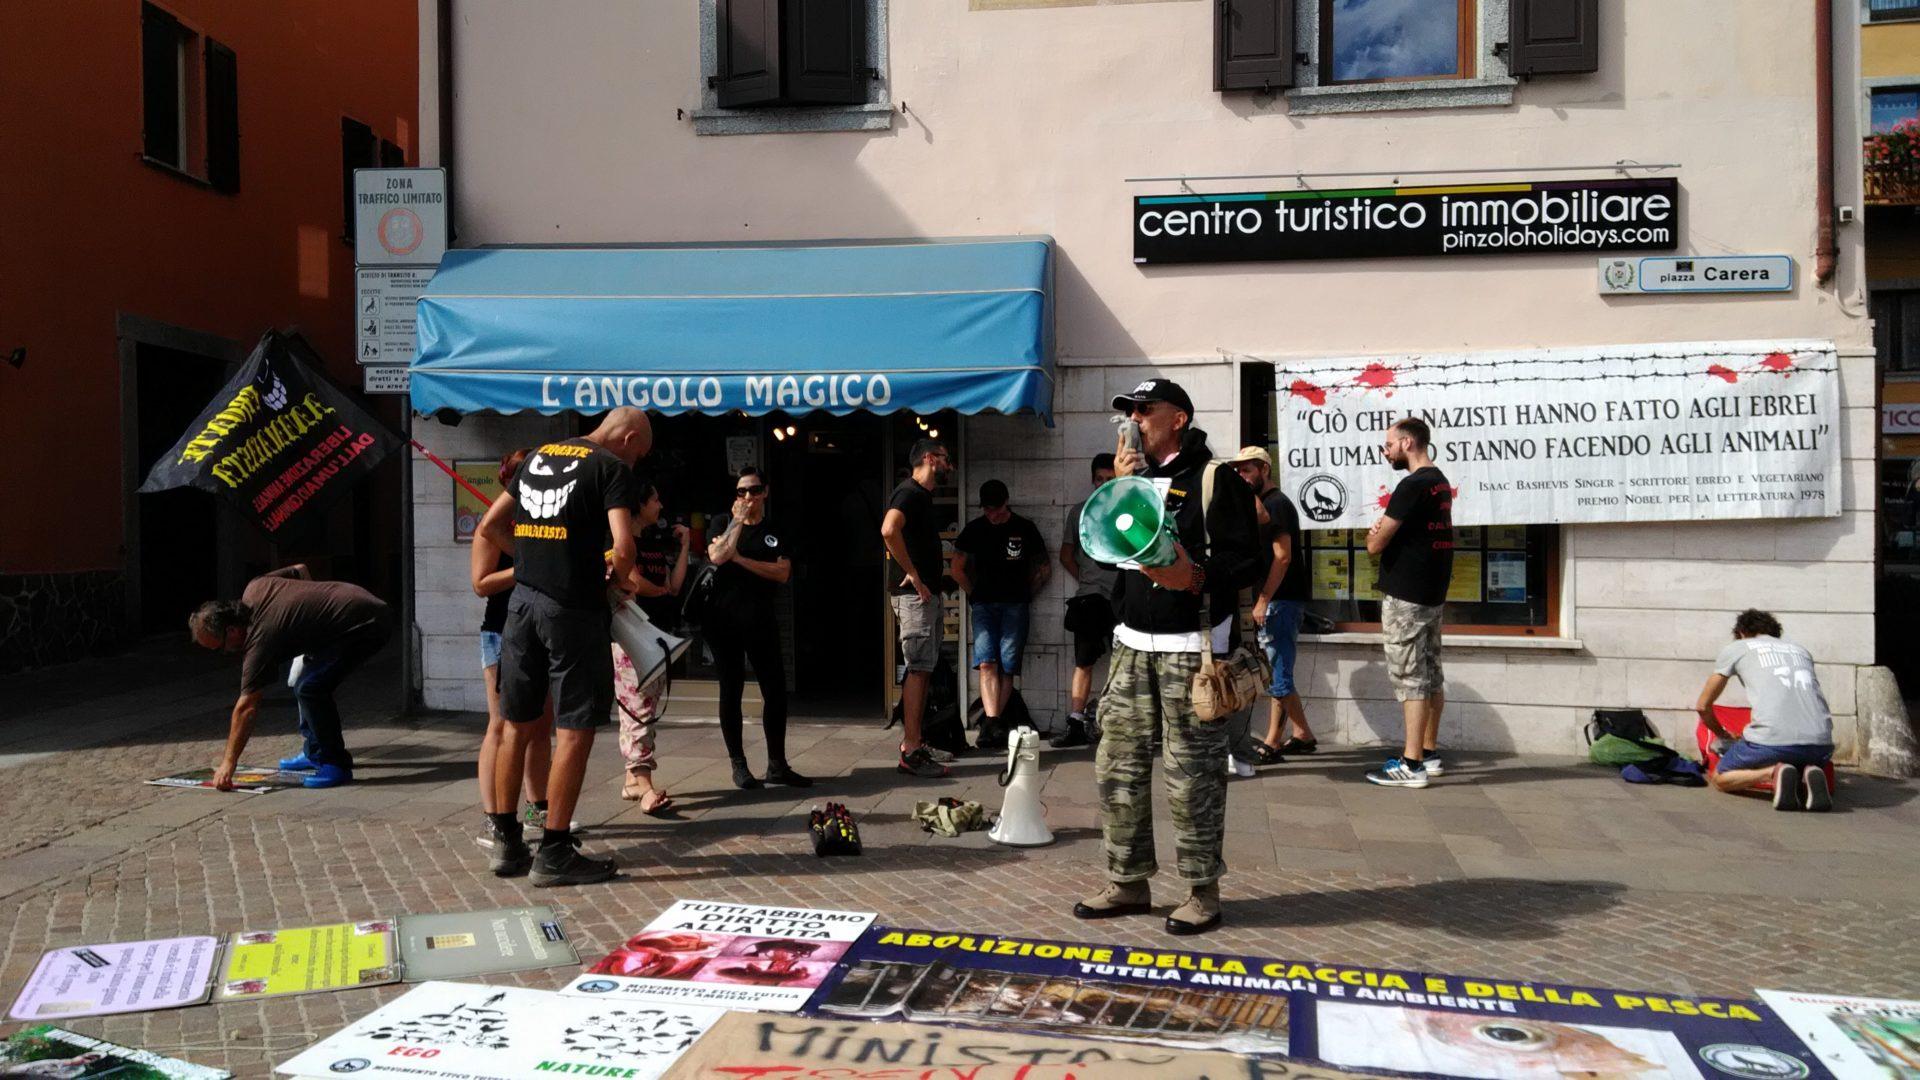 Pinzolo (TN) 15  agosto 2018 – Politica Assassina – Manifestazione di protesta contro la legge abbatti orsi e lupi